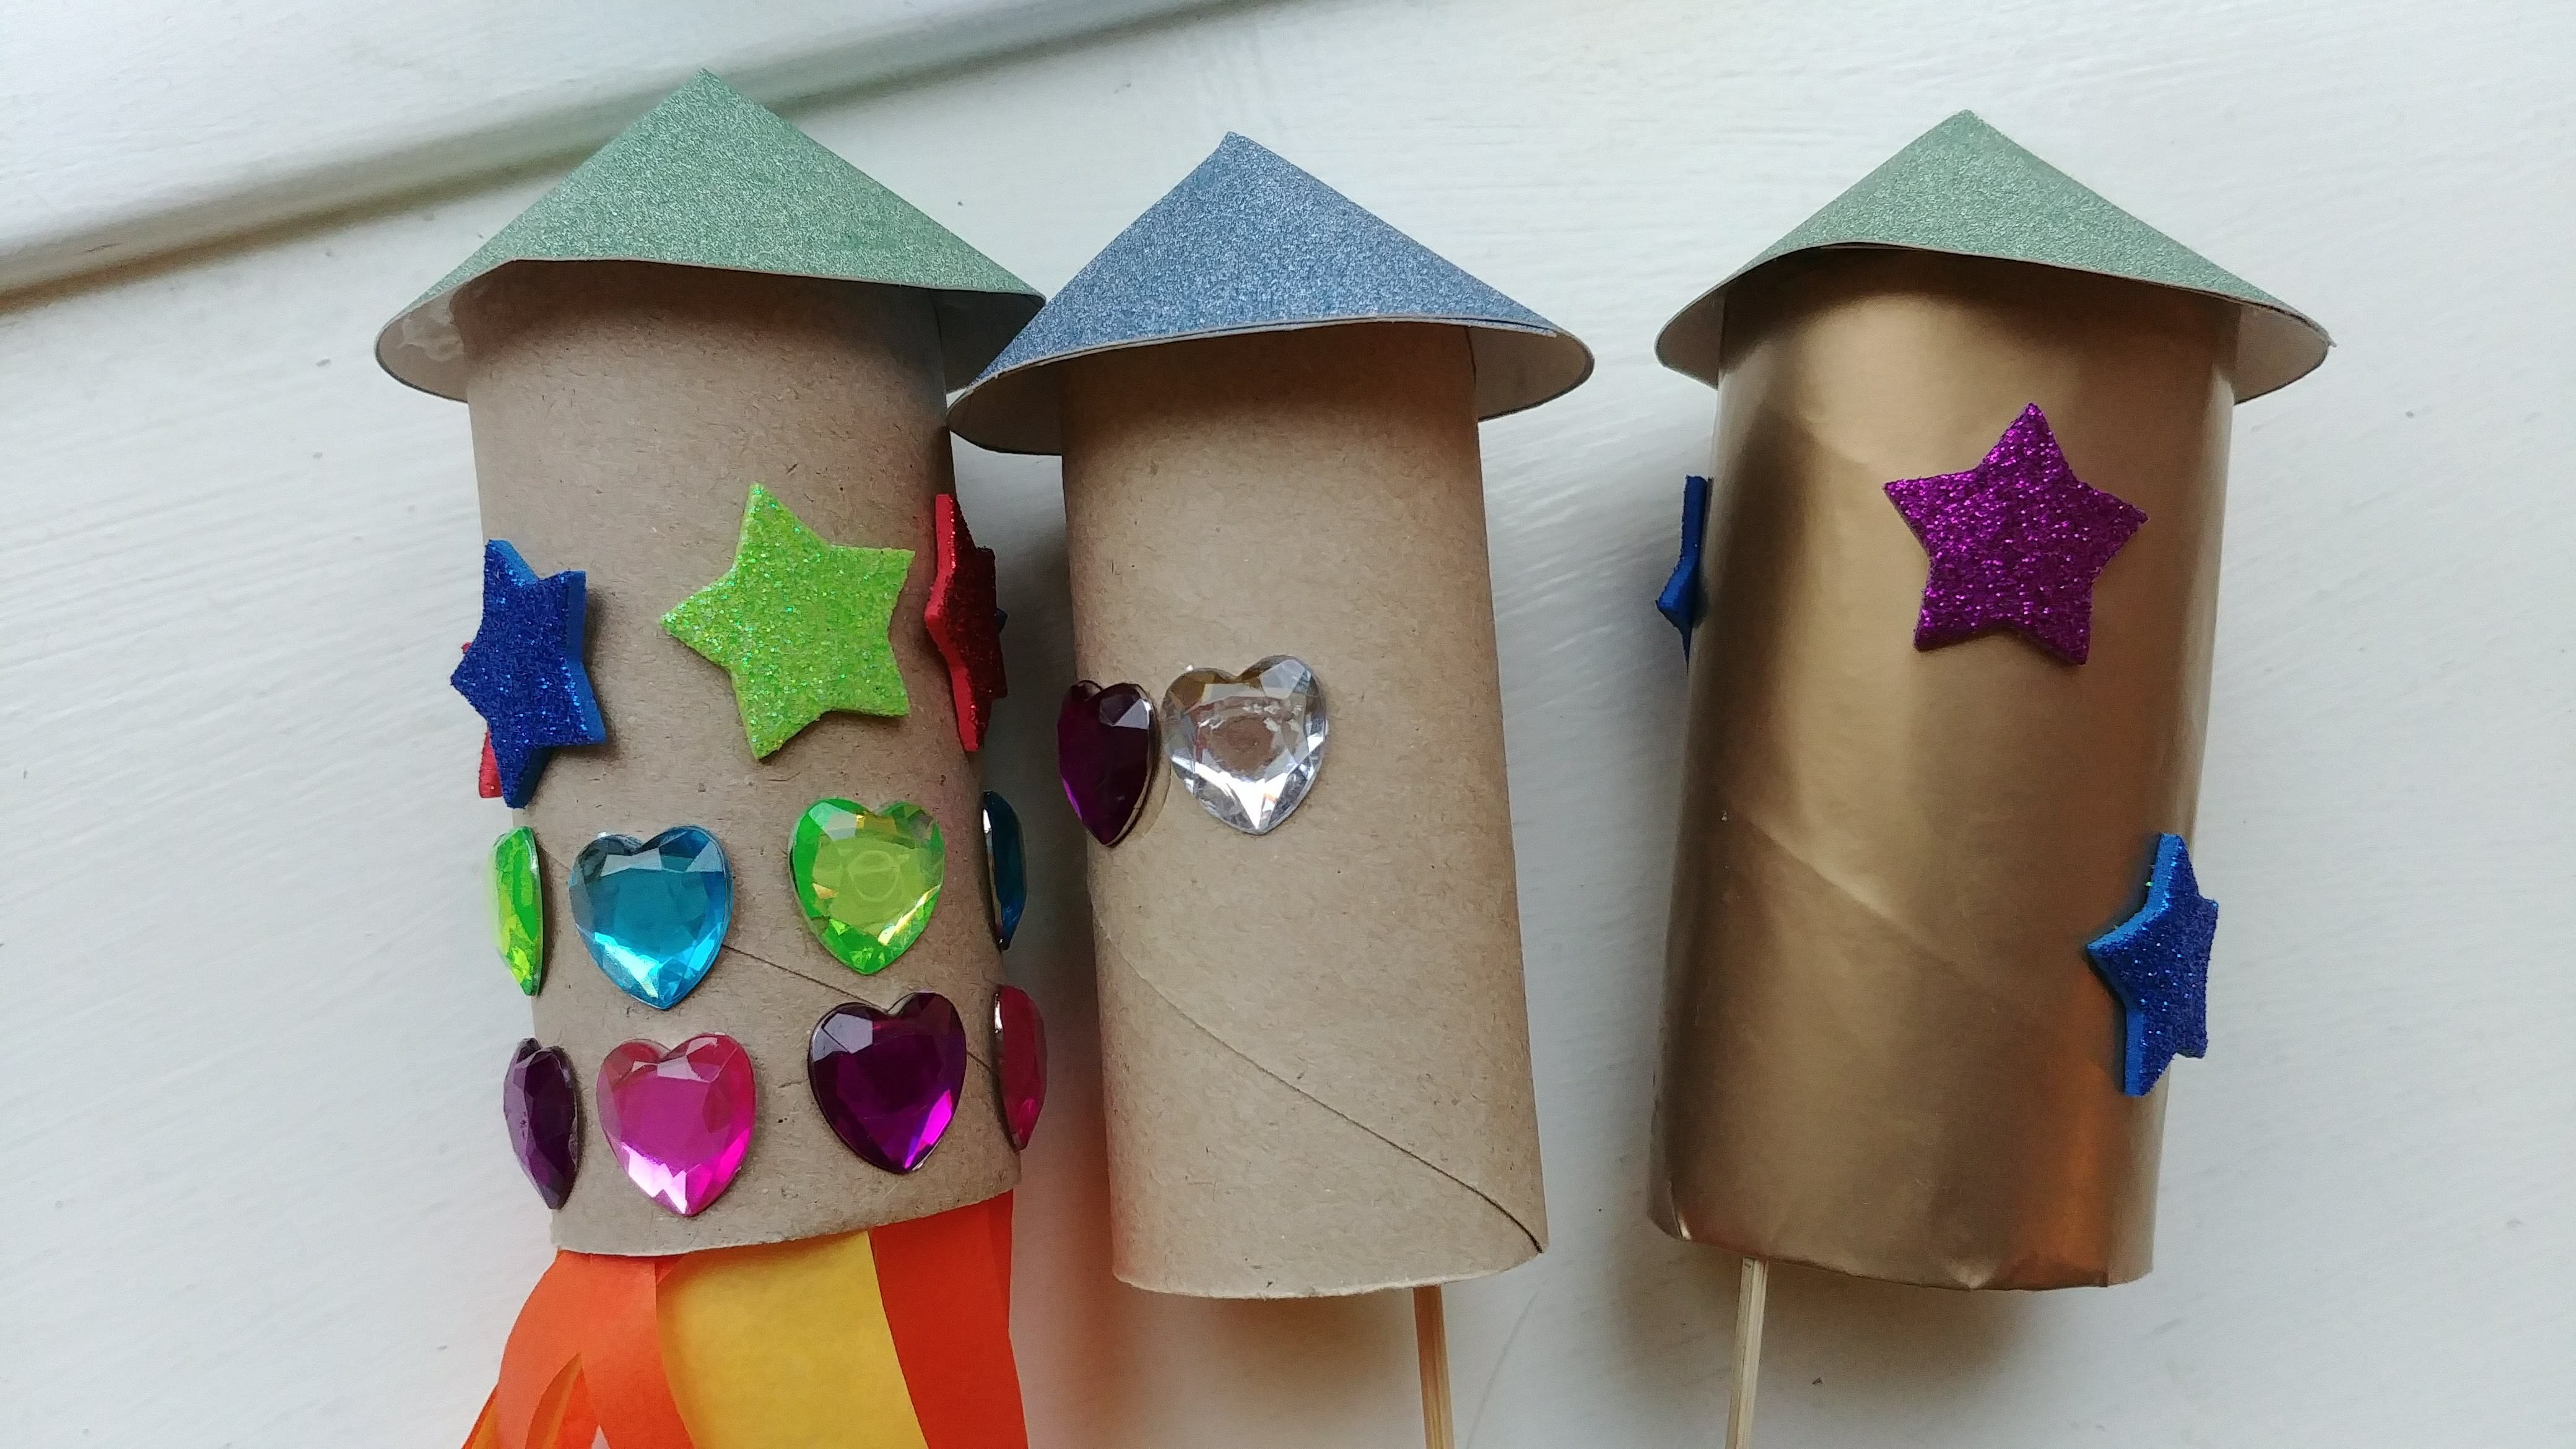 kreative ting ud af papir